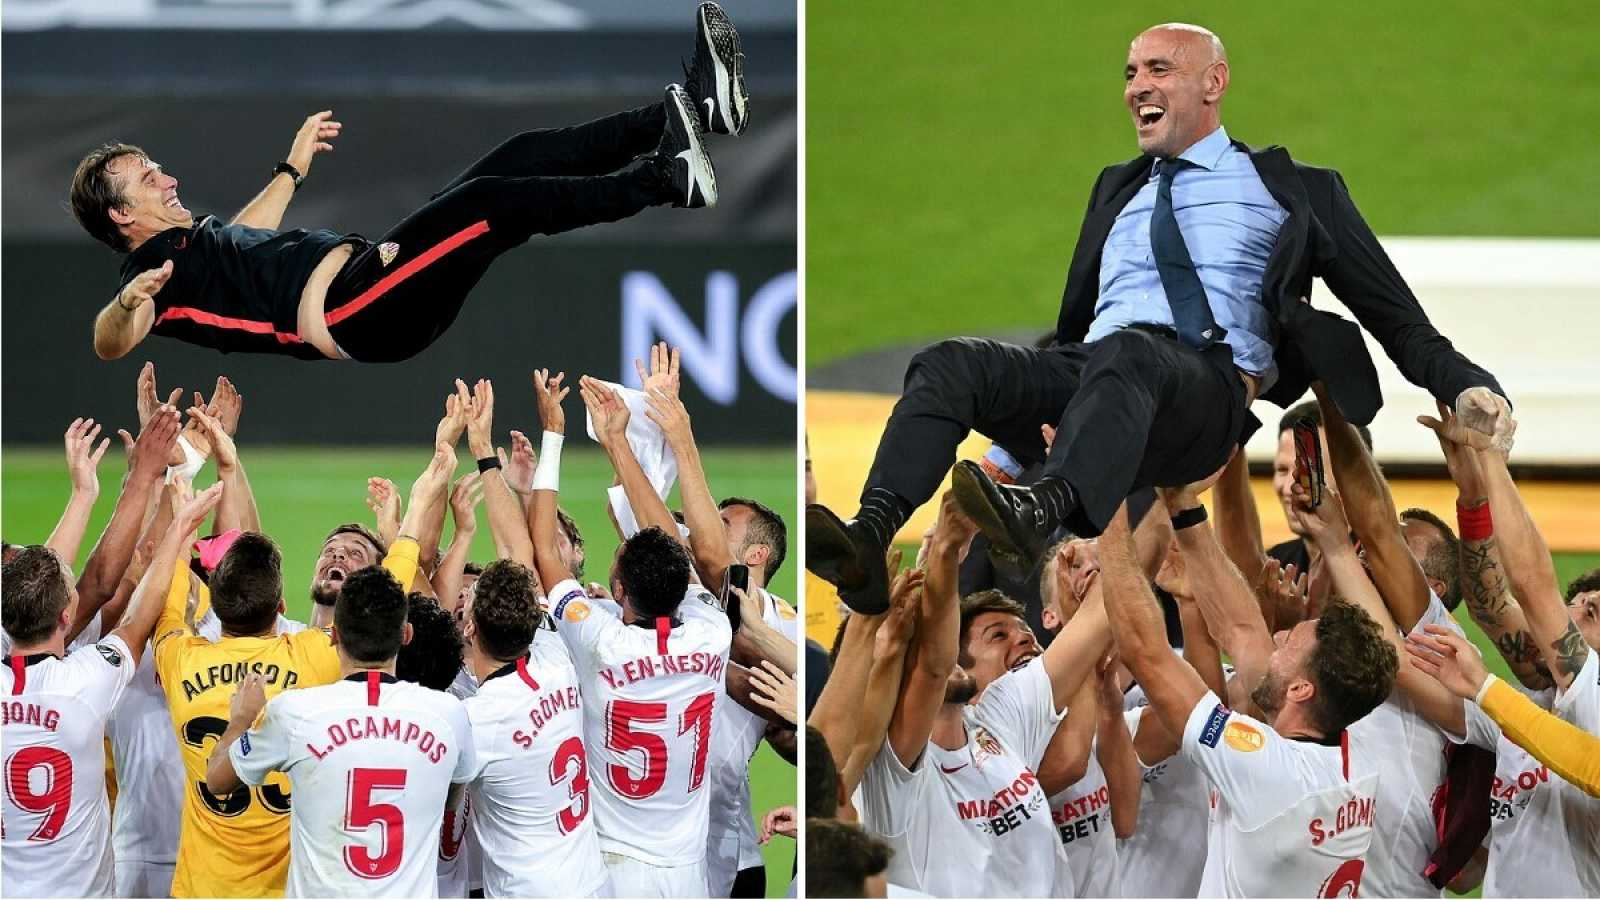 Imagen: Lopetegui (i) y Monchi (d) son manteados por los jugadores del Sevilla